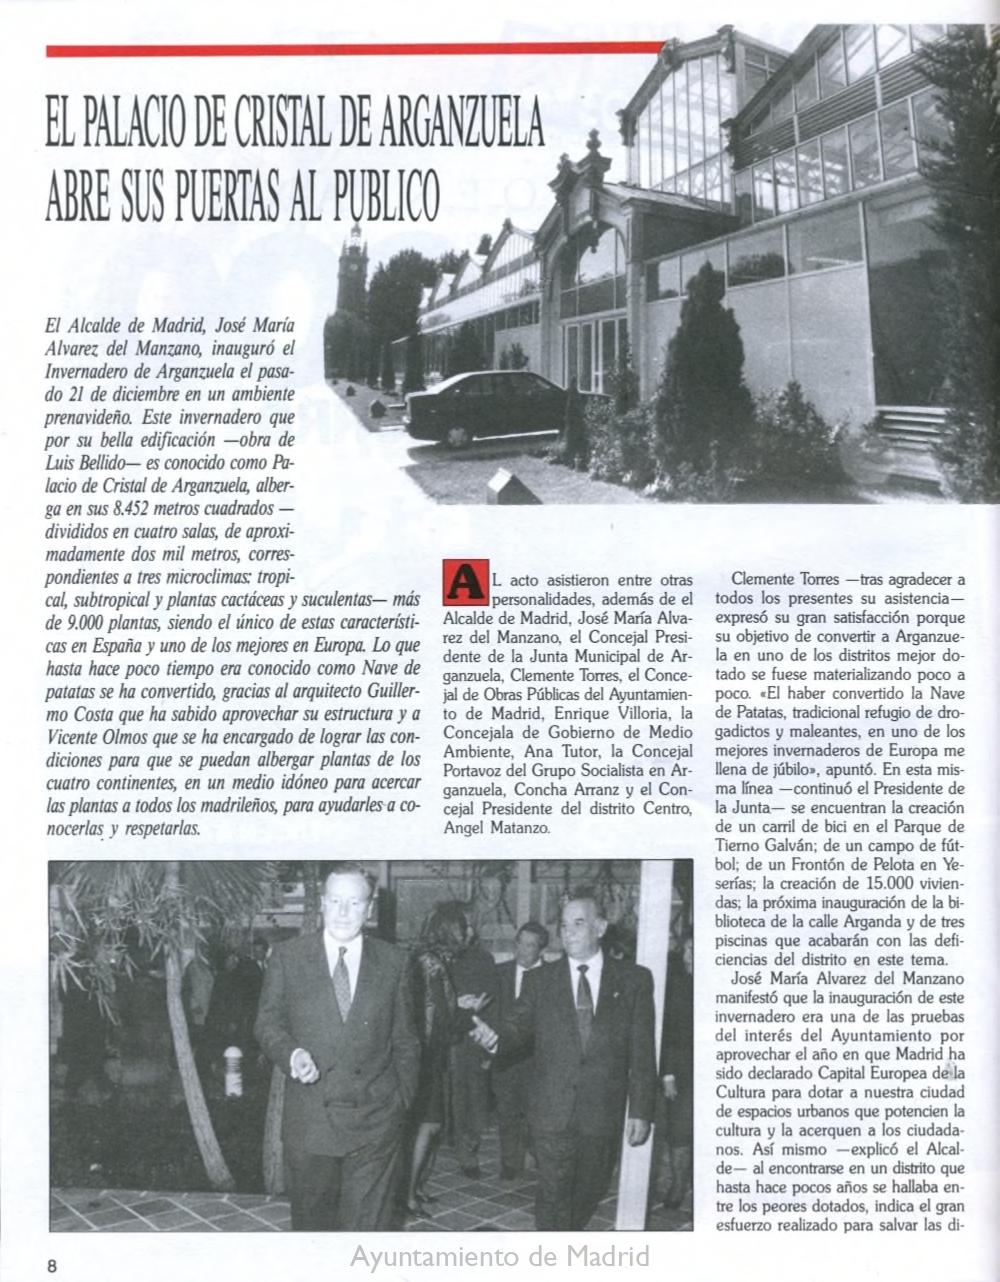 Artículo de la revista 'Conocer Arganzuela' de 1993 narrando la inauguración del Palacio de Cristal. Pág.1. Memoria de Madrid.